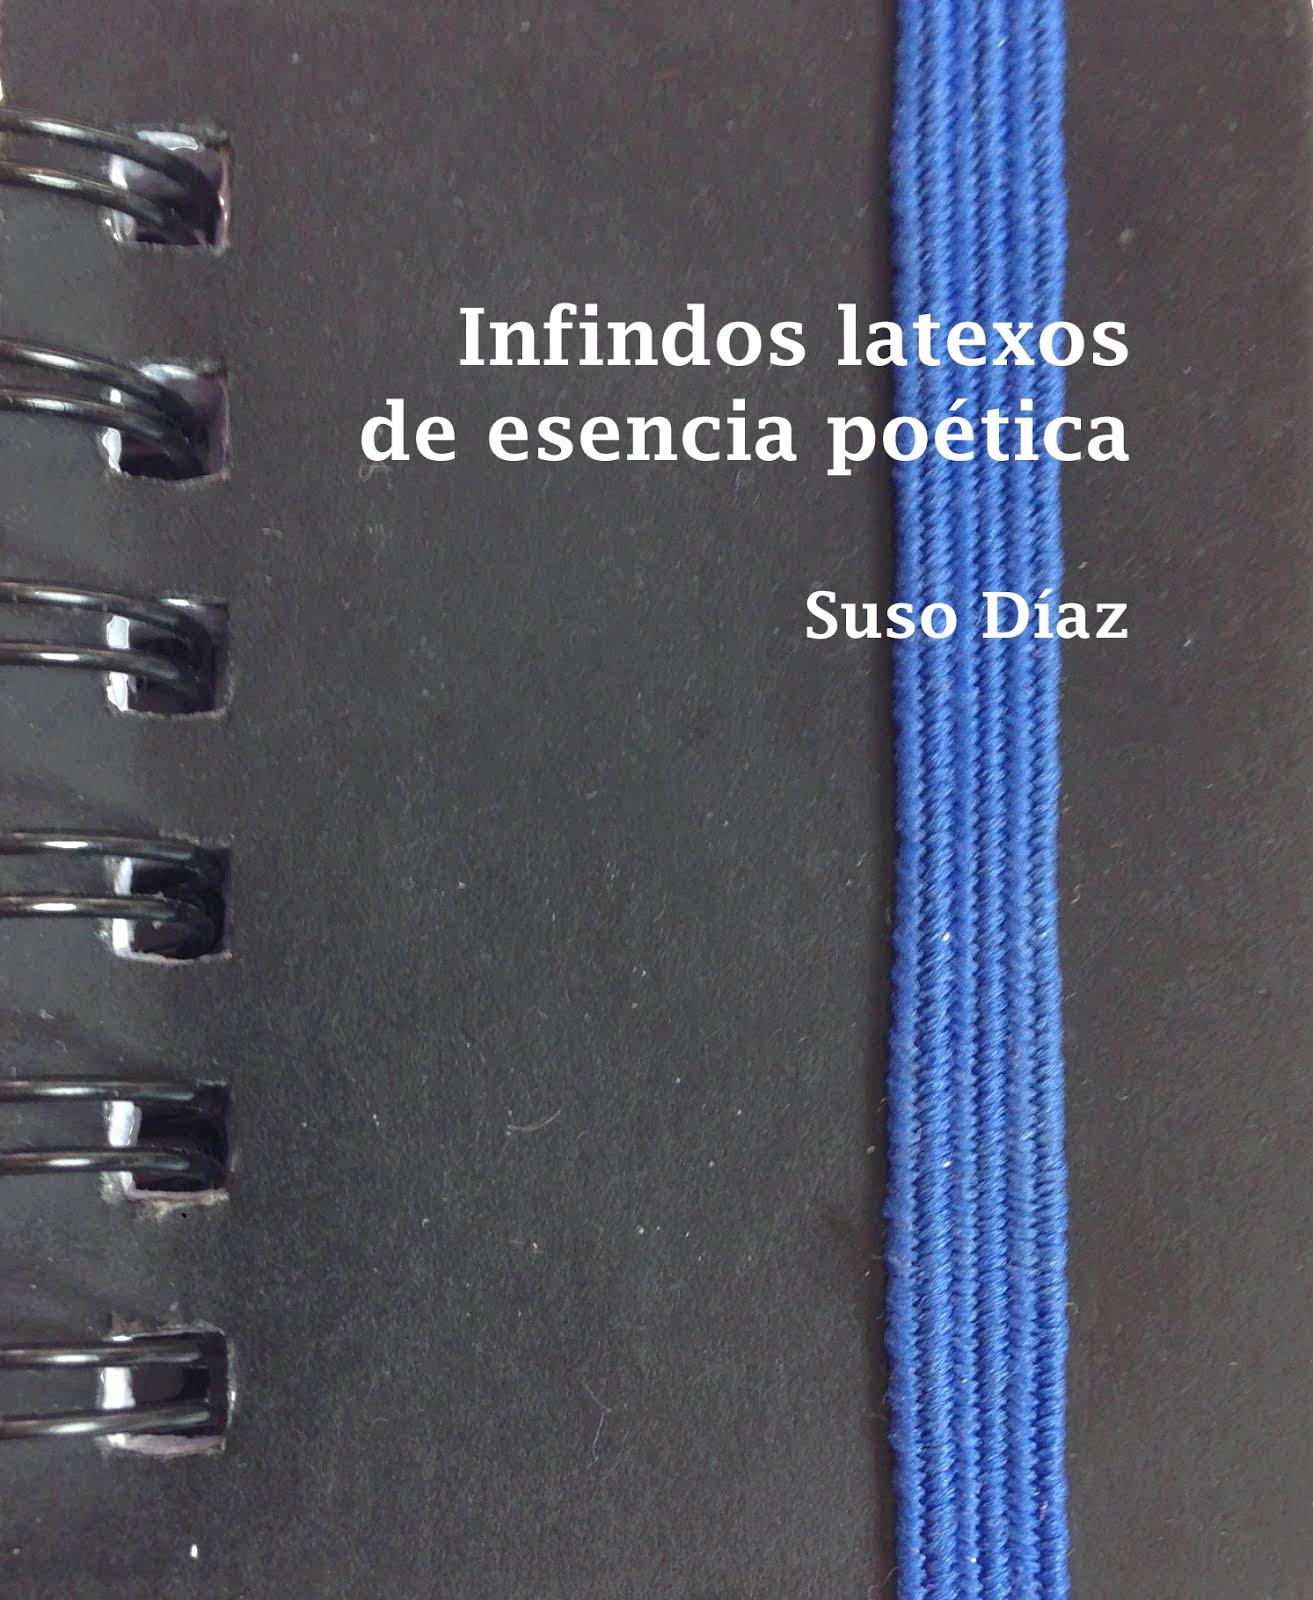 Infindos latexos de esencia poética